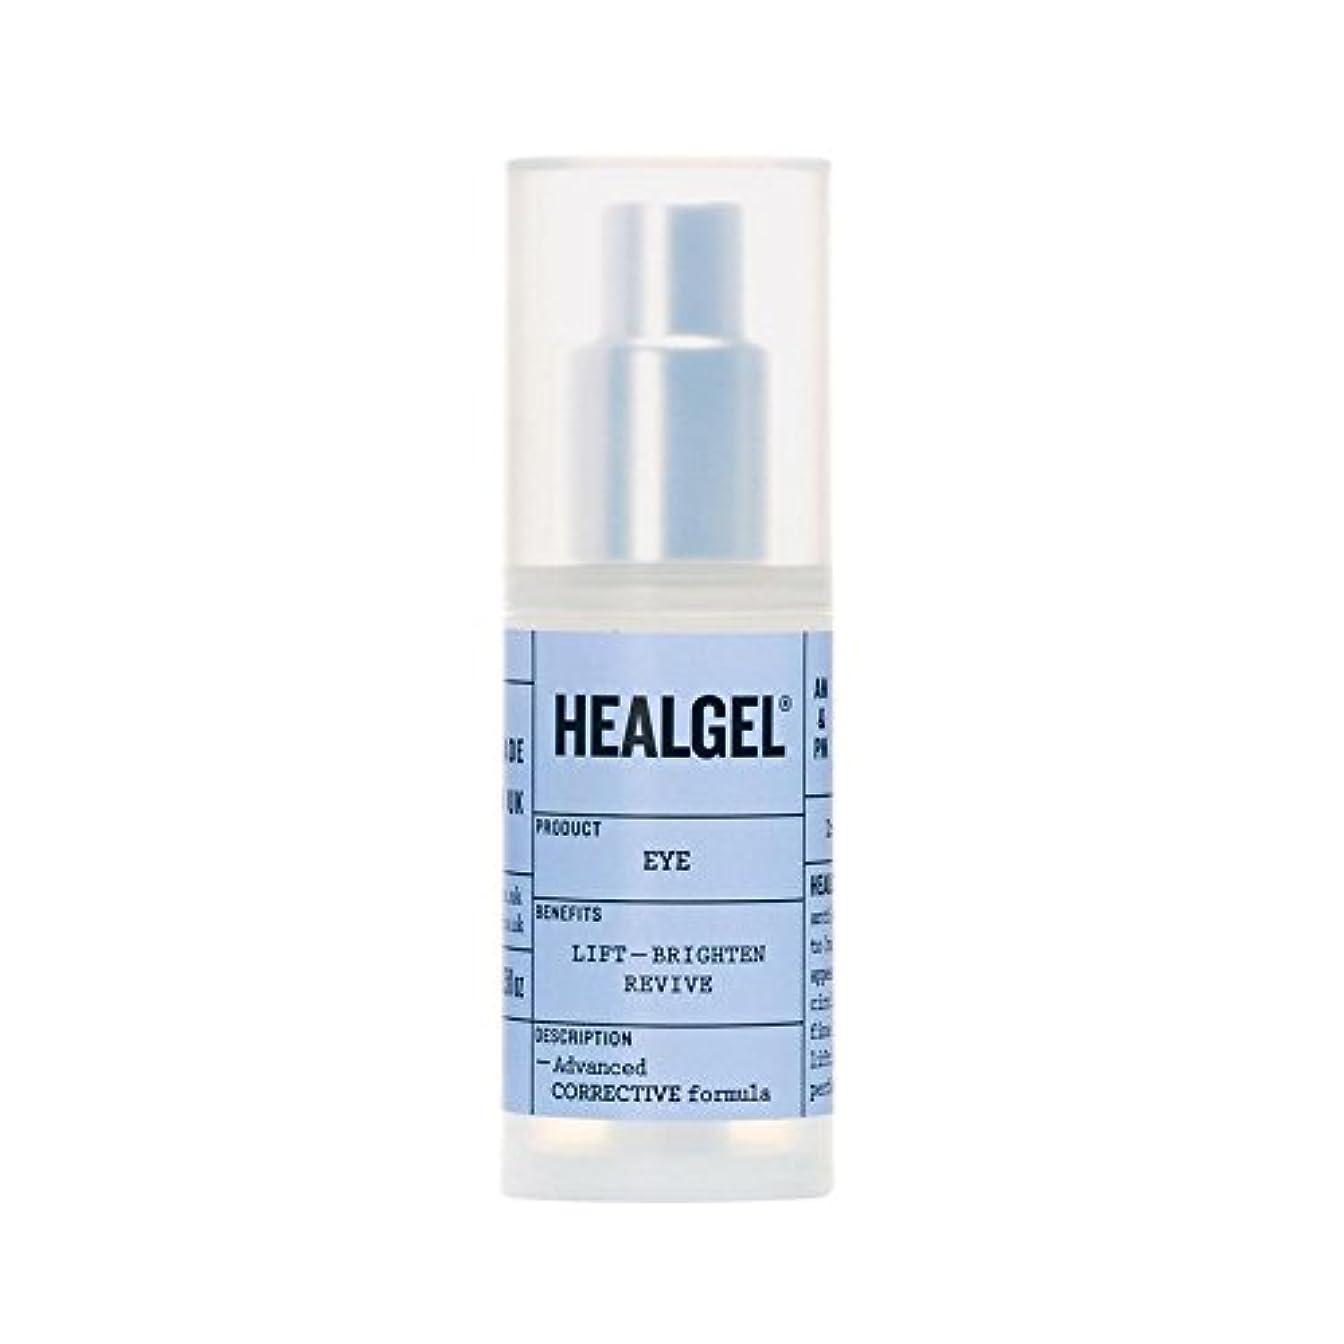 口径溶かす自分を引き上げるゲル白眼式15ミリリットルを癒します x4 - Heal Gel Brightening Eye Formula 15ml (Pack of 4) [並行輸入品]